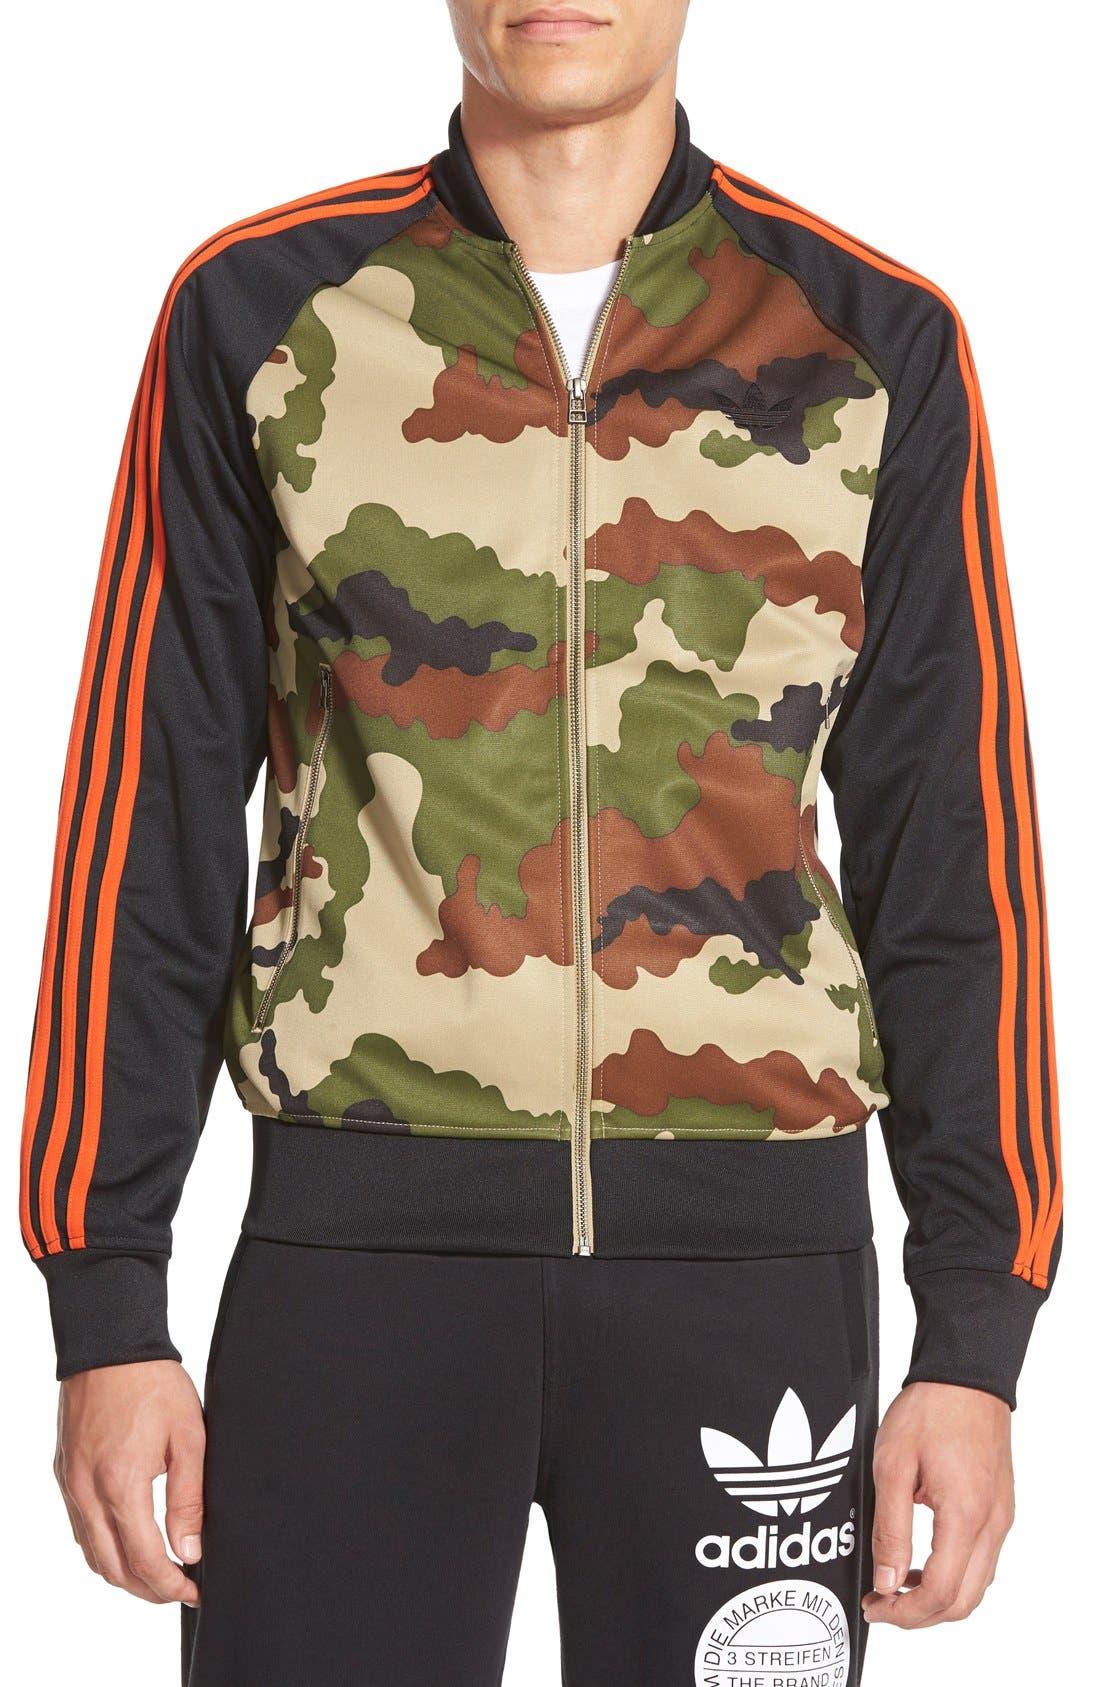 adidas st jacket